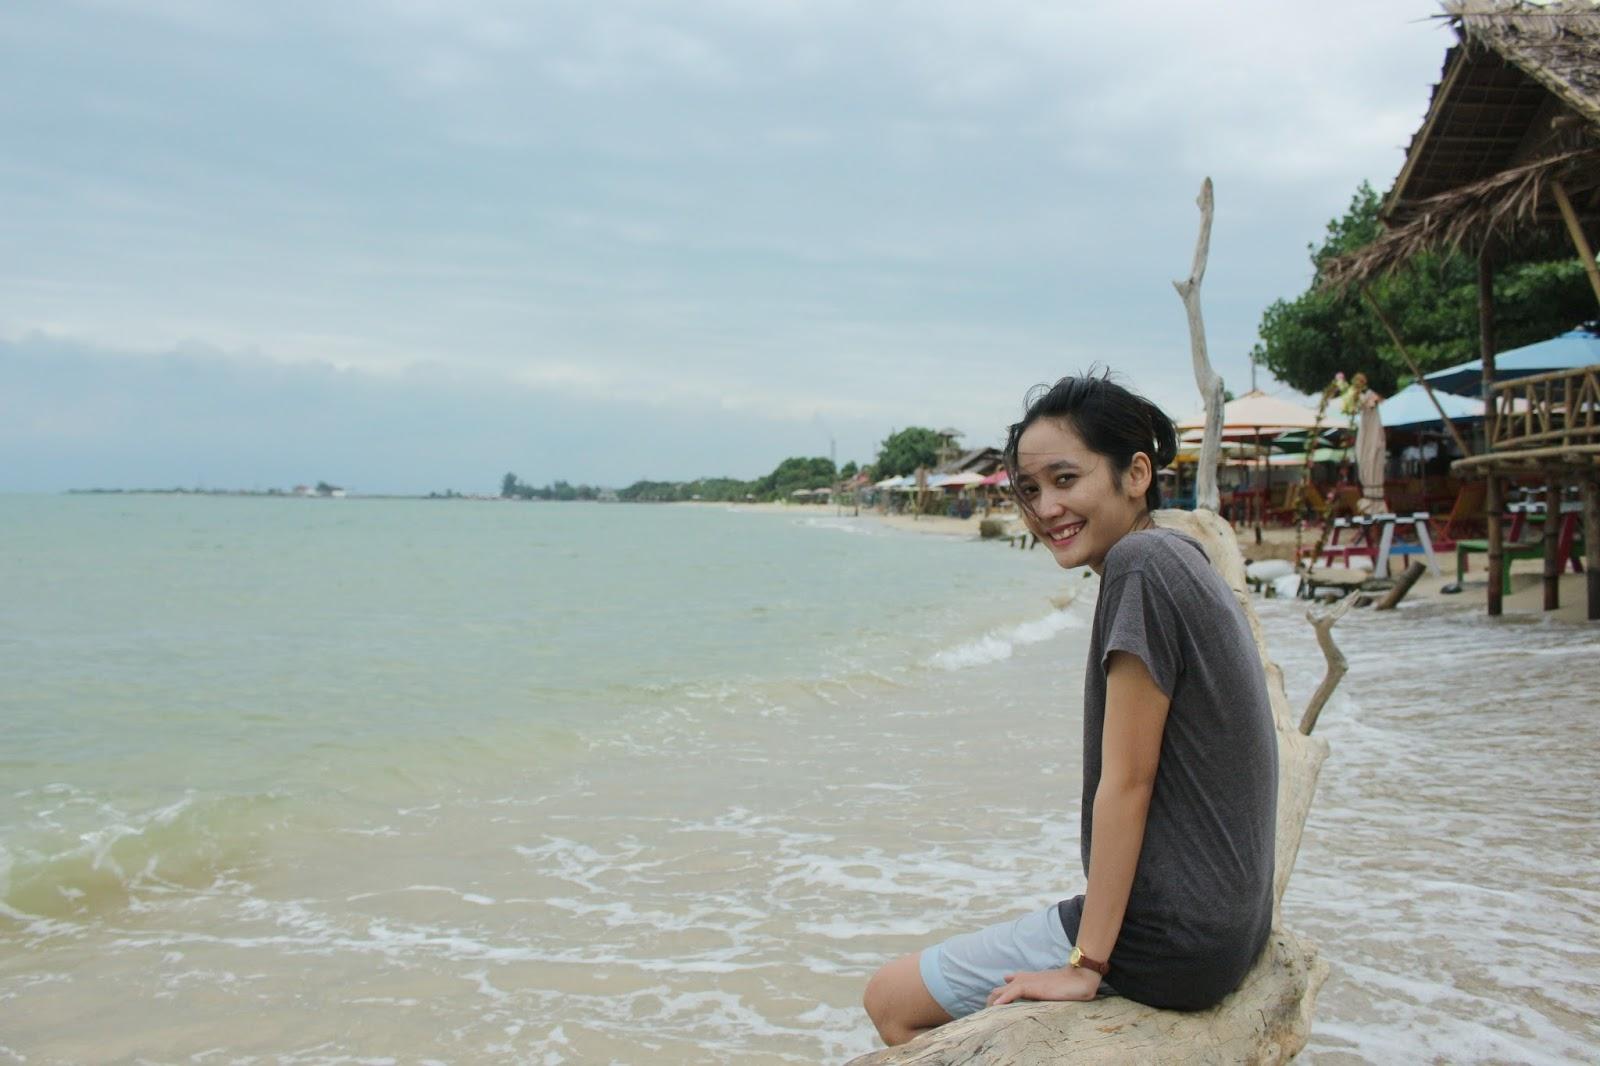 wisata pantai di jepara - bondo jepara